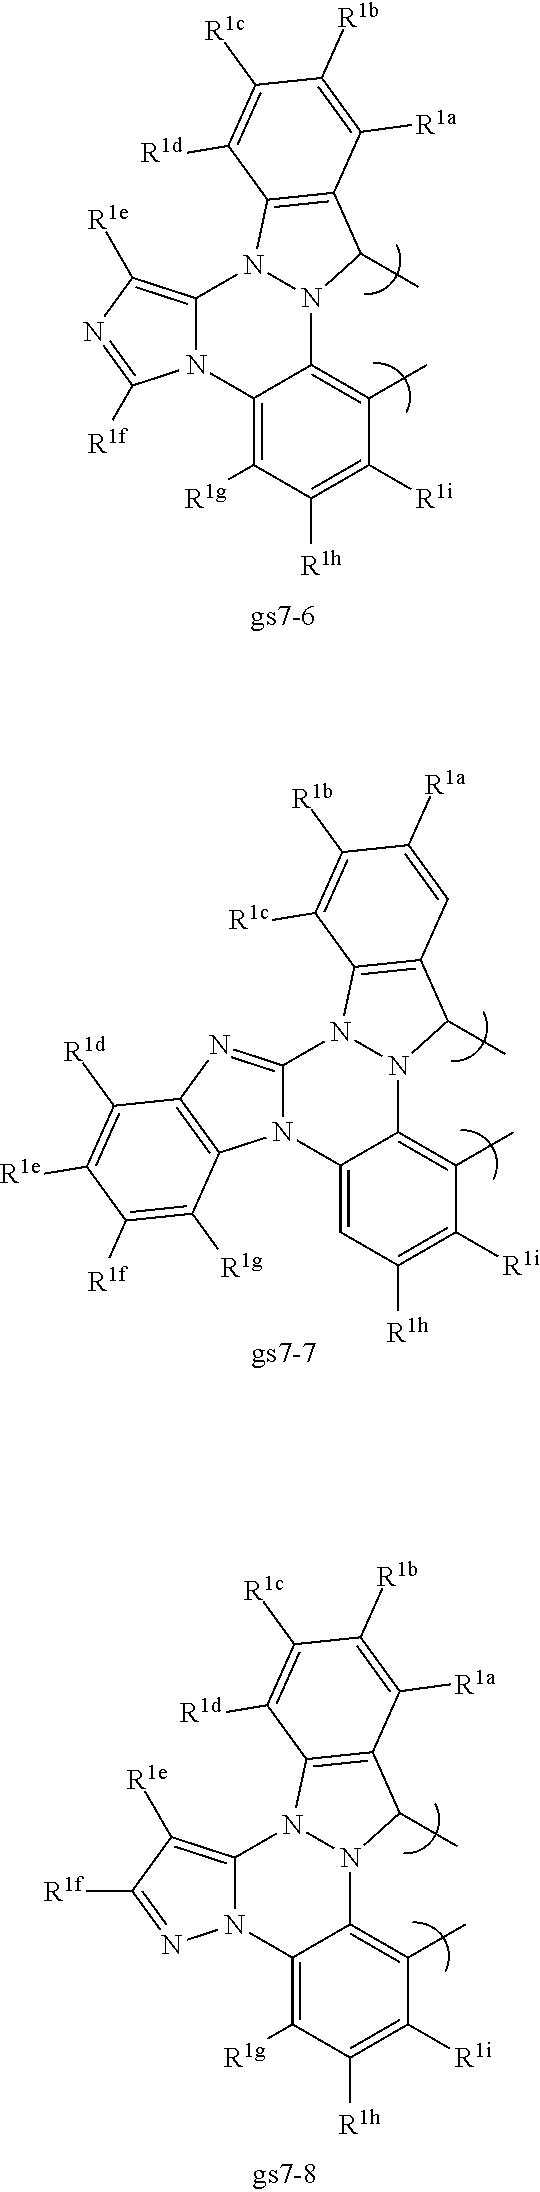 Figure US07915415-20110329-C00028